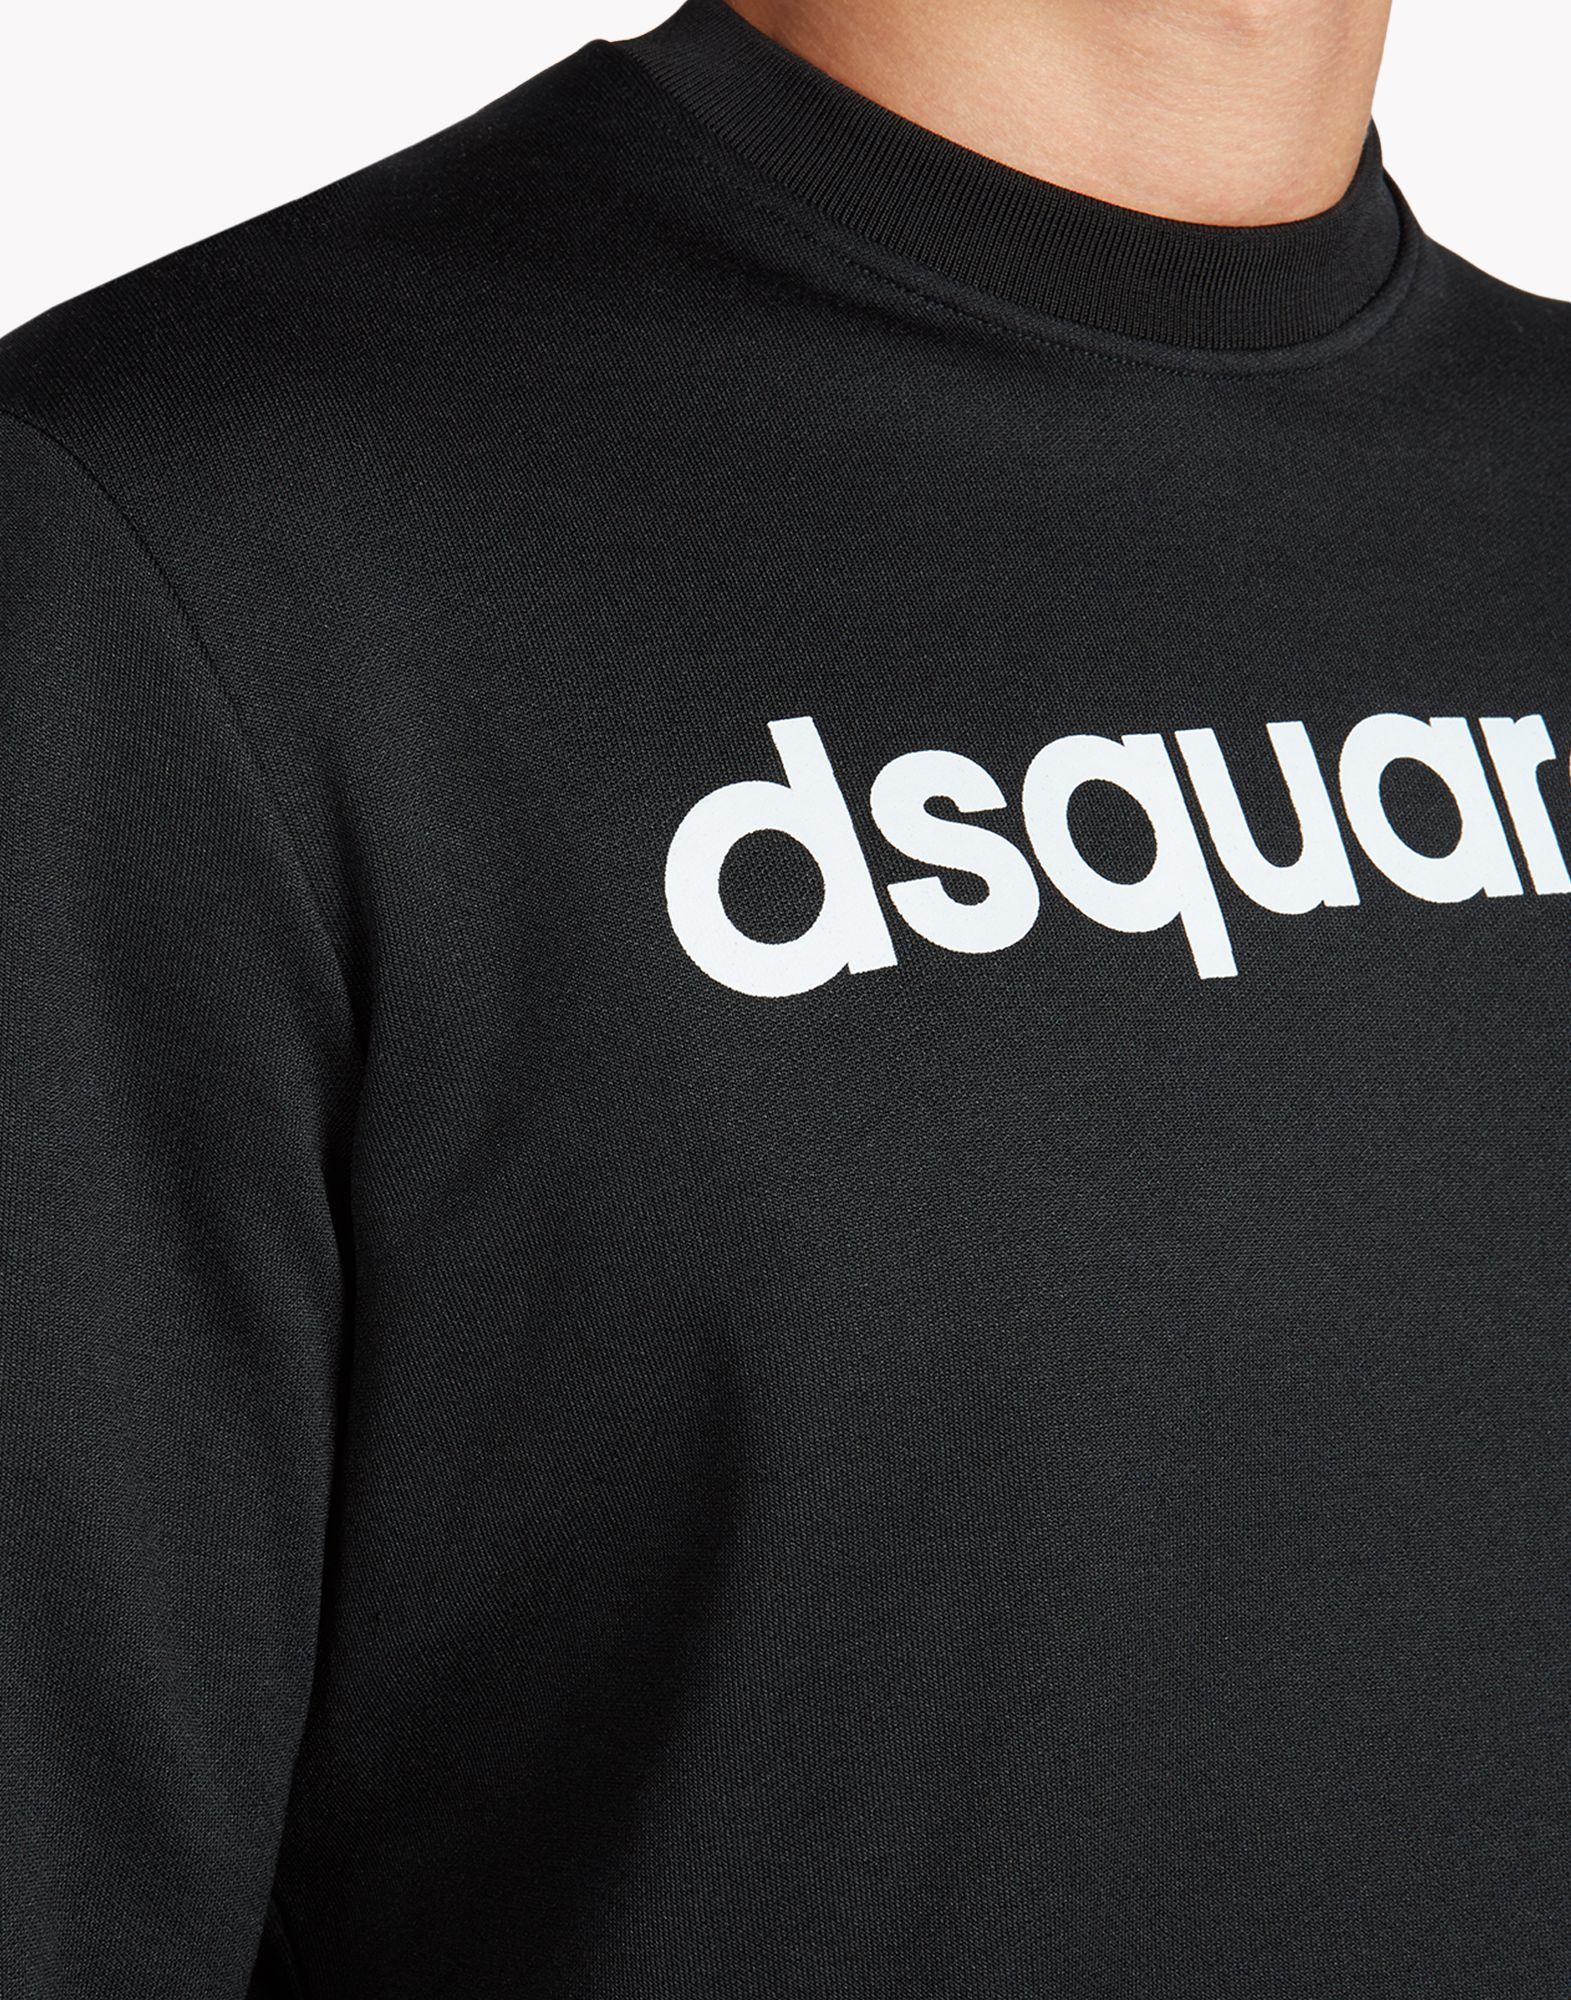 Dsquared 178 Vintage Jogging Fit Sweatshirt In Black For Men